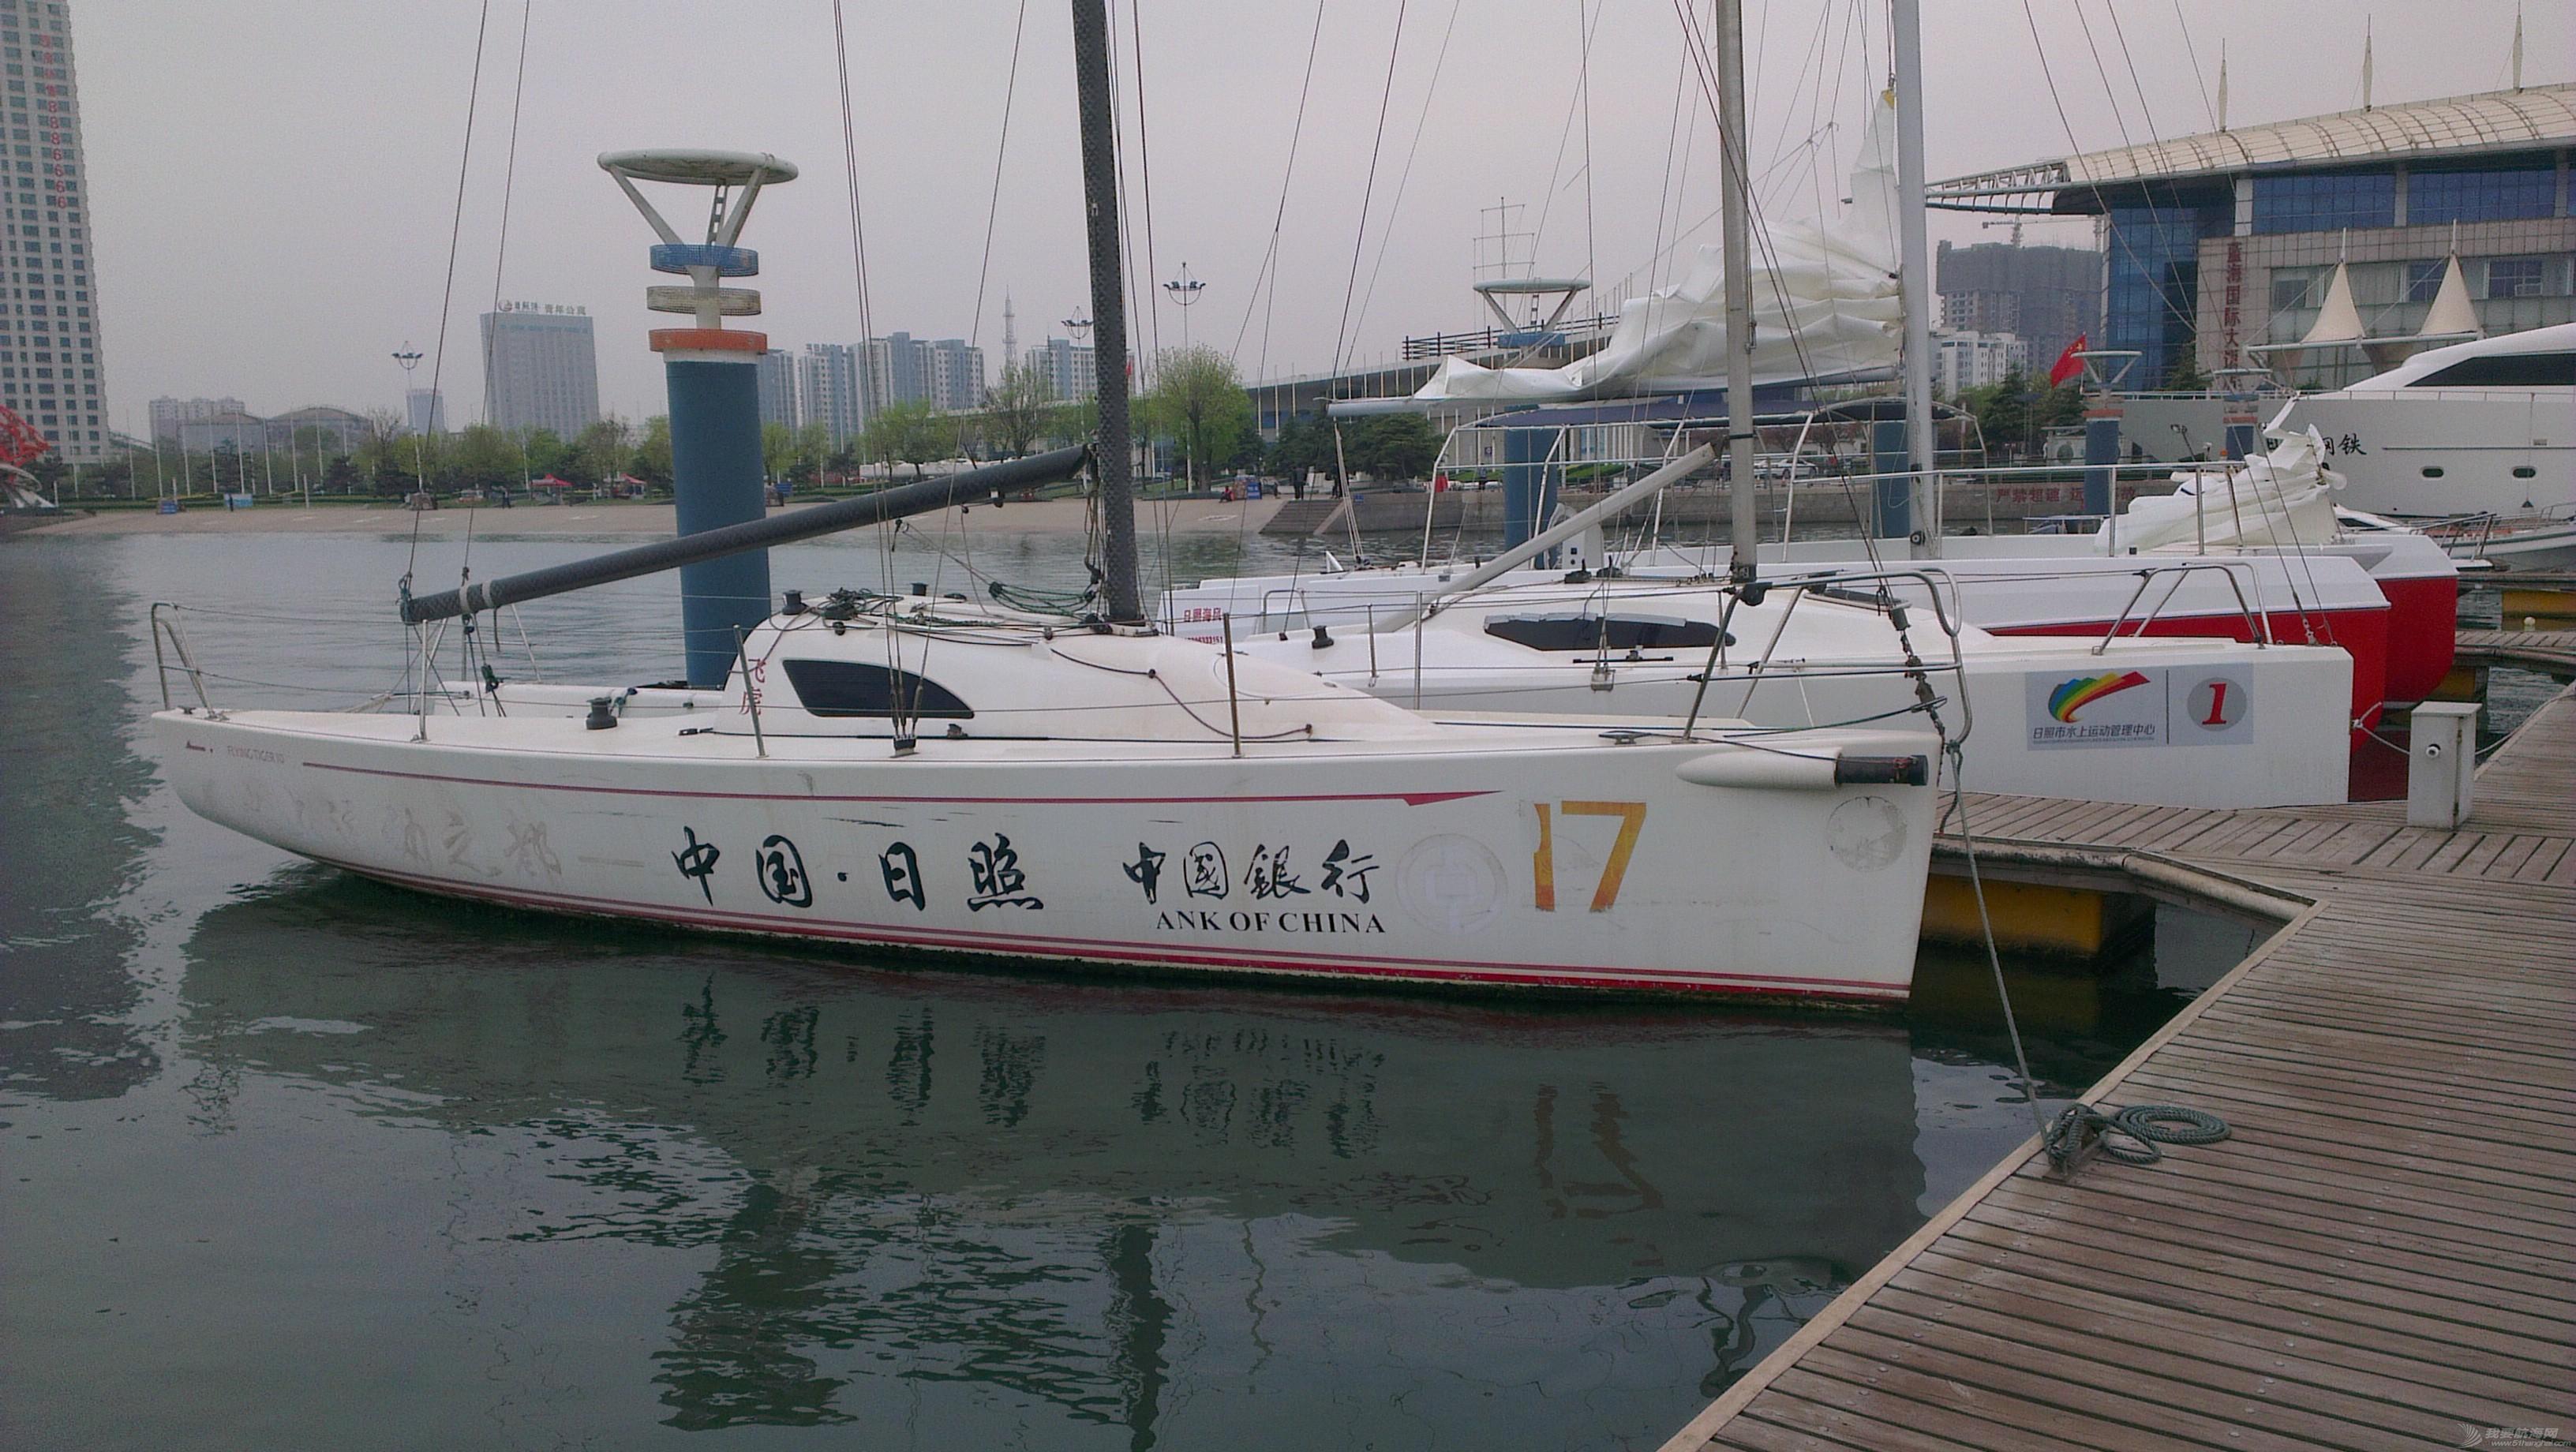 航海公益____帆船学习日记 IMAG1382.jpg